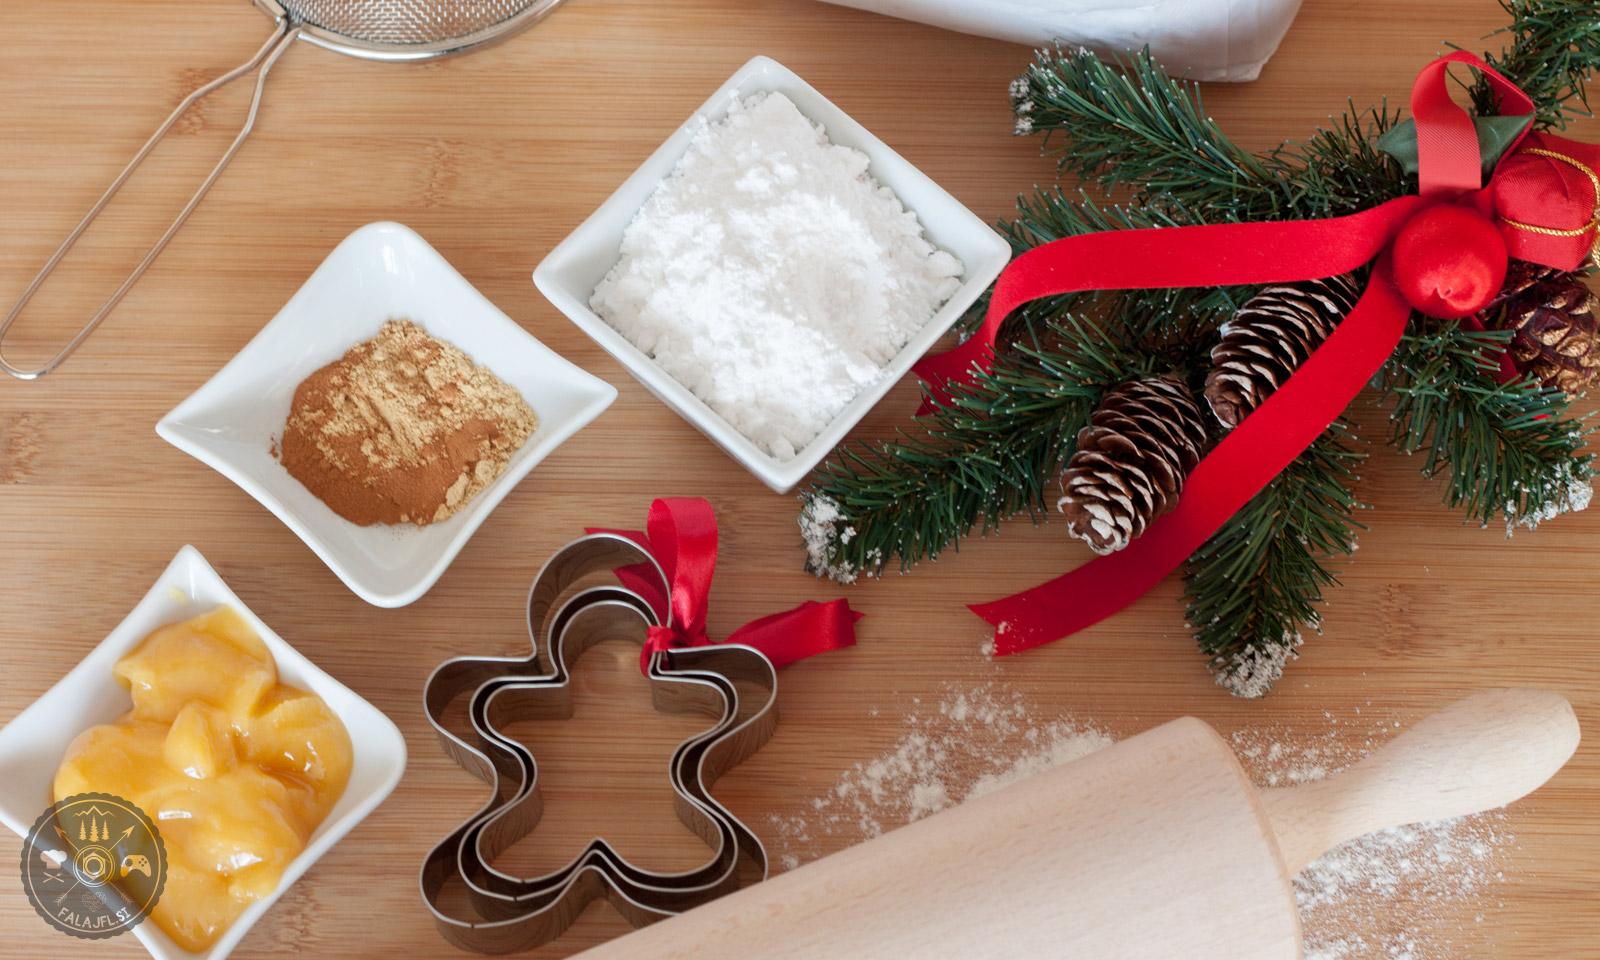 ingverjevi božični piškoti, sestavine